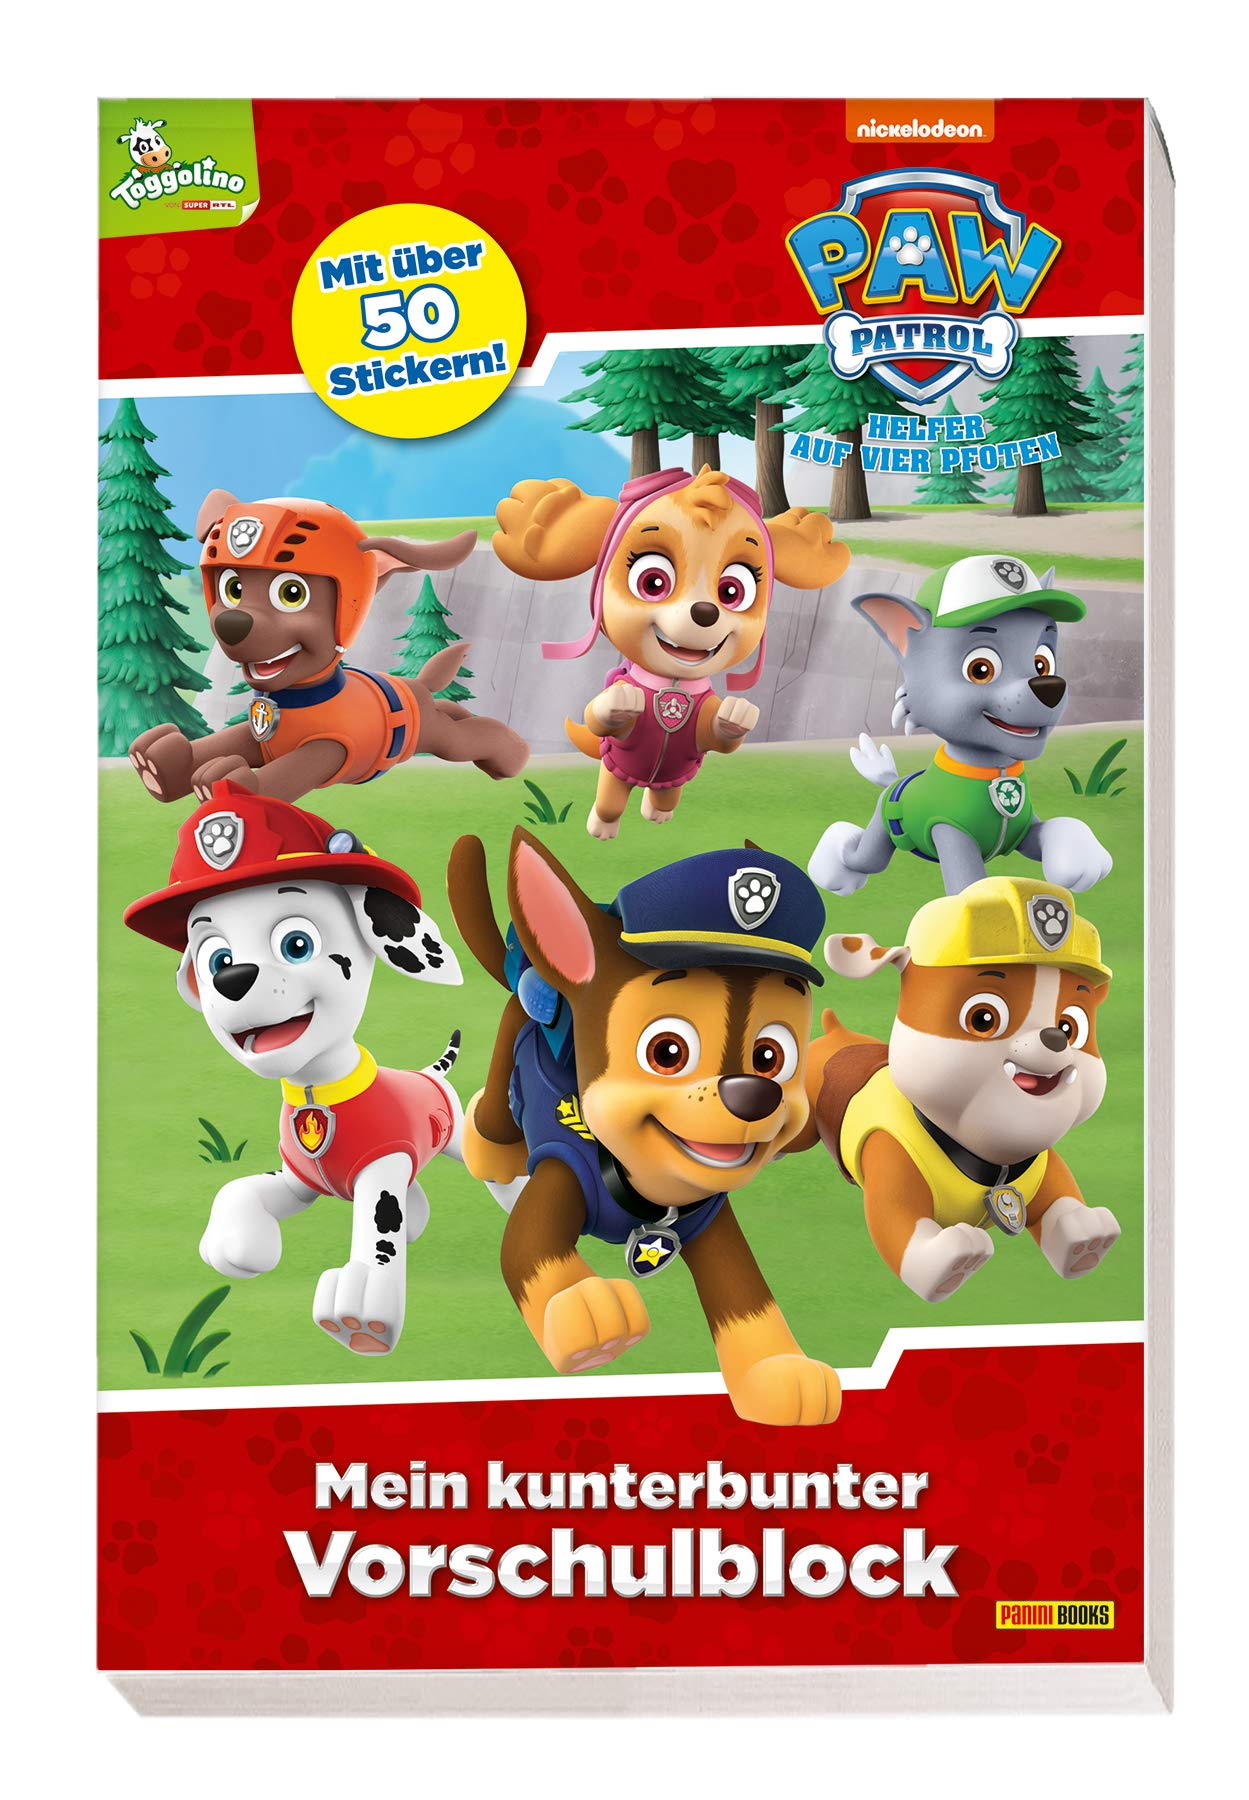 PAW Patrol  Mein Kunterbunter Vorschulblock  Mit über 50 Stickern